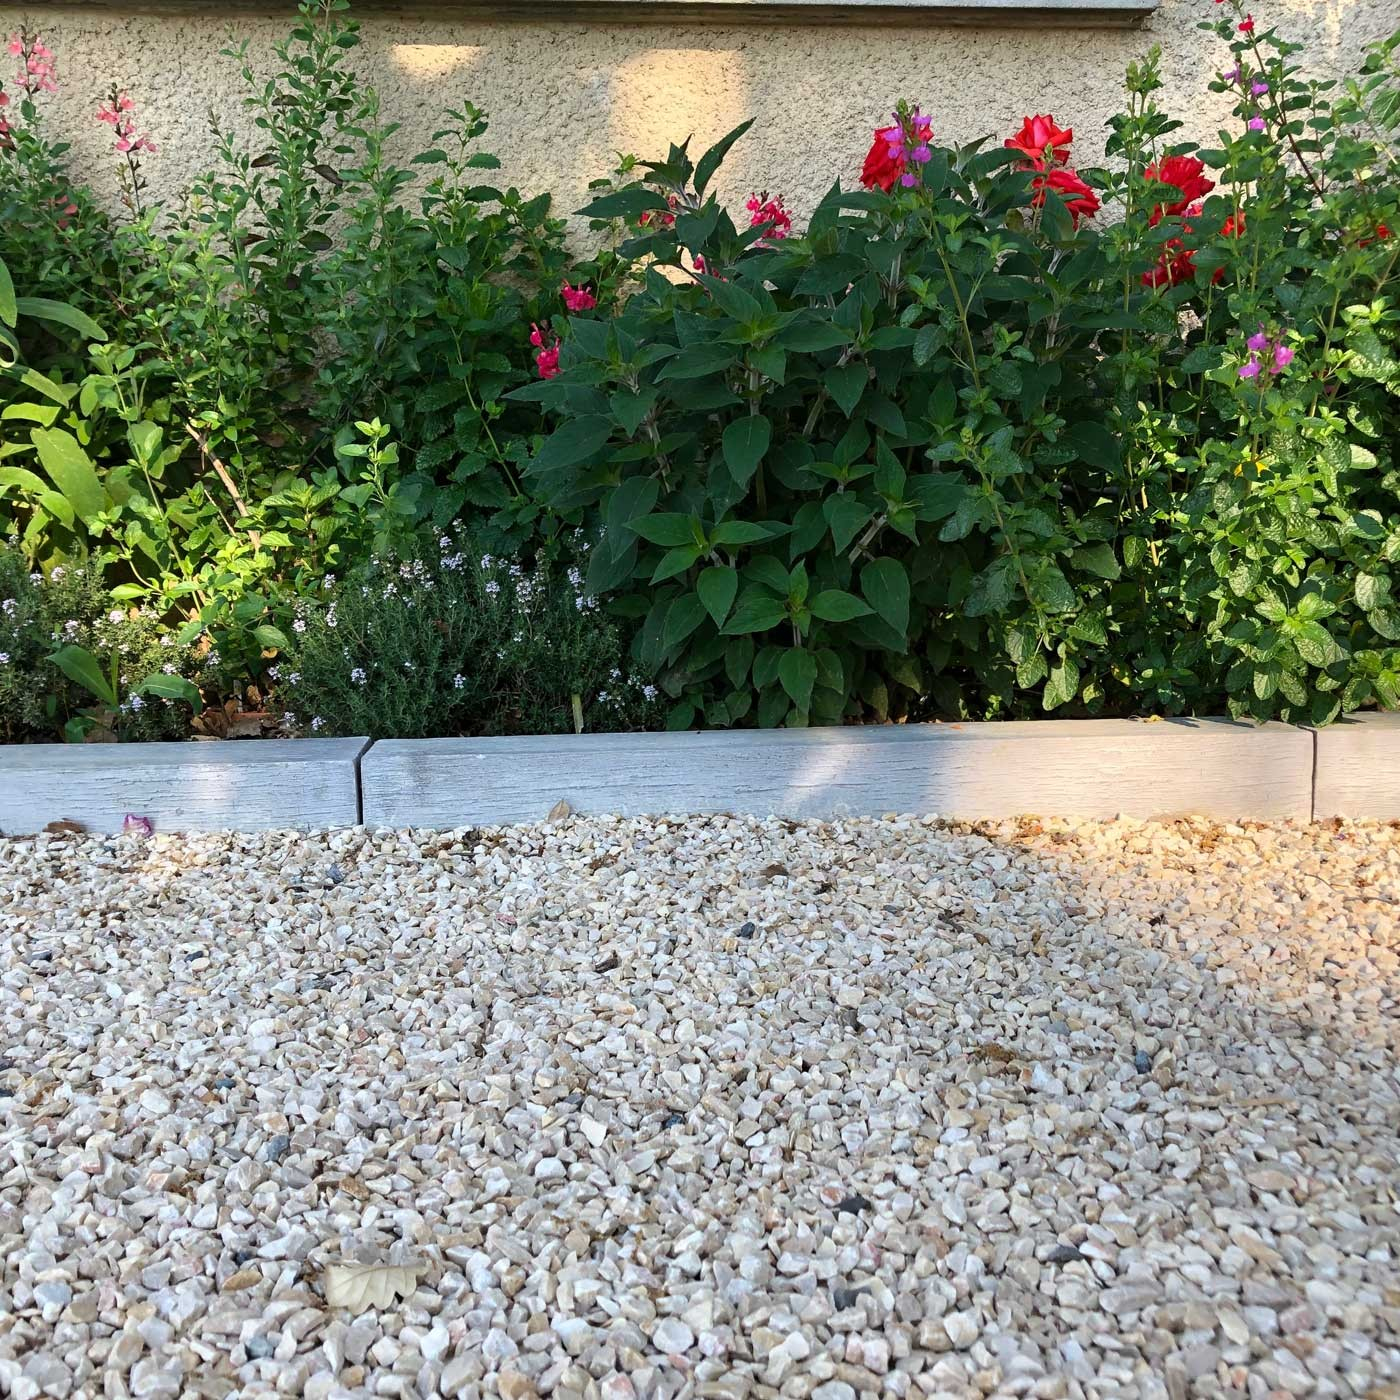 Bordure De Jardin En Pierre Reconstituée Poutre Bois Blanchi ... dedans Bordure De Jardin En Pierre